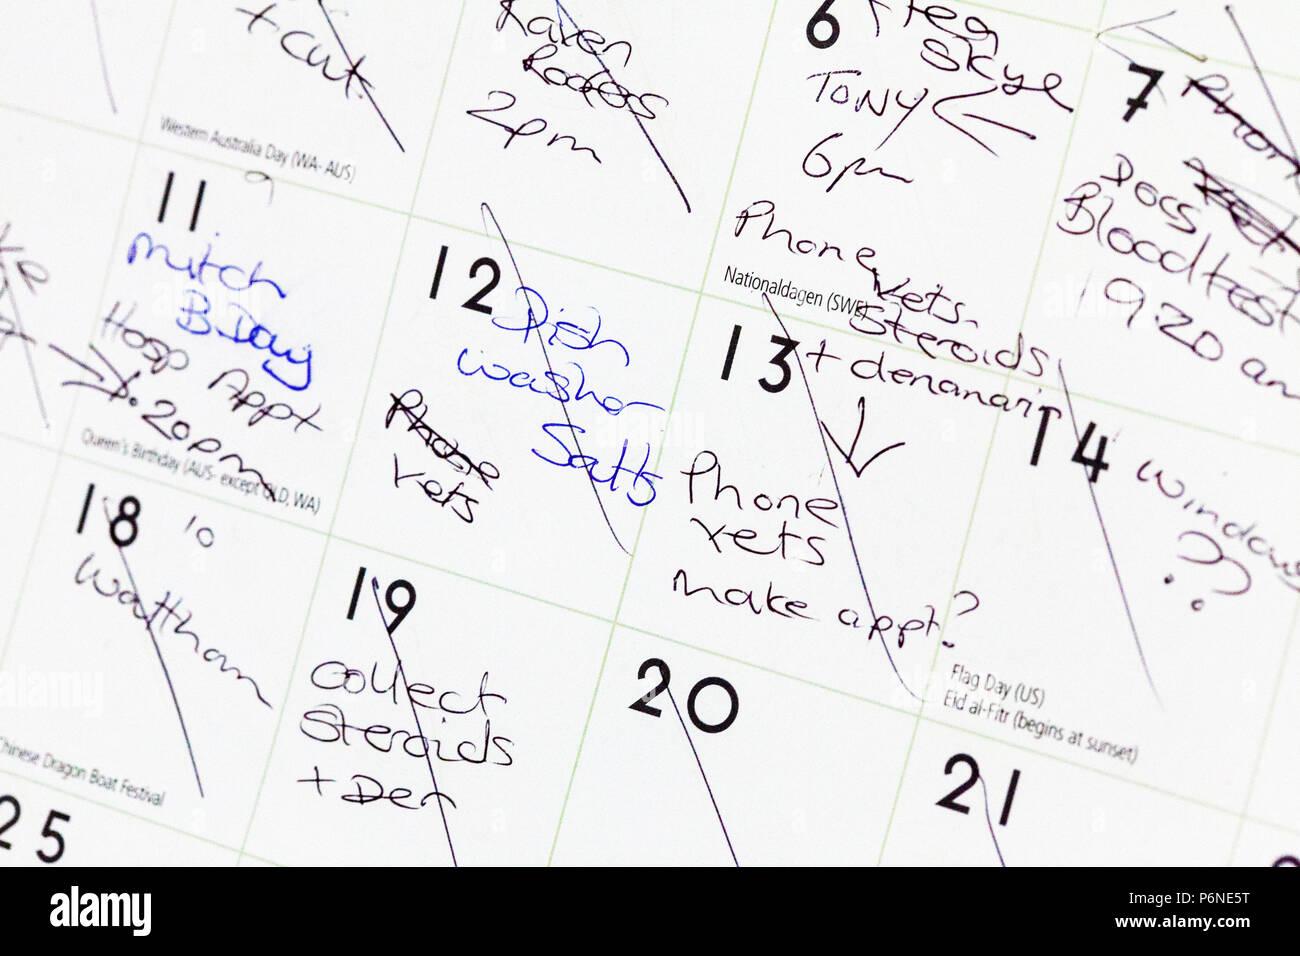 Programme occupé, occupé calendrier, rendez-vous, choses à faire, liste de tâches, calendrier complet, calendrier, surmené, calendrier, rappel, des rappels, des rendez-vous Photo Stock